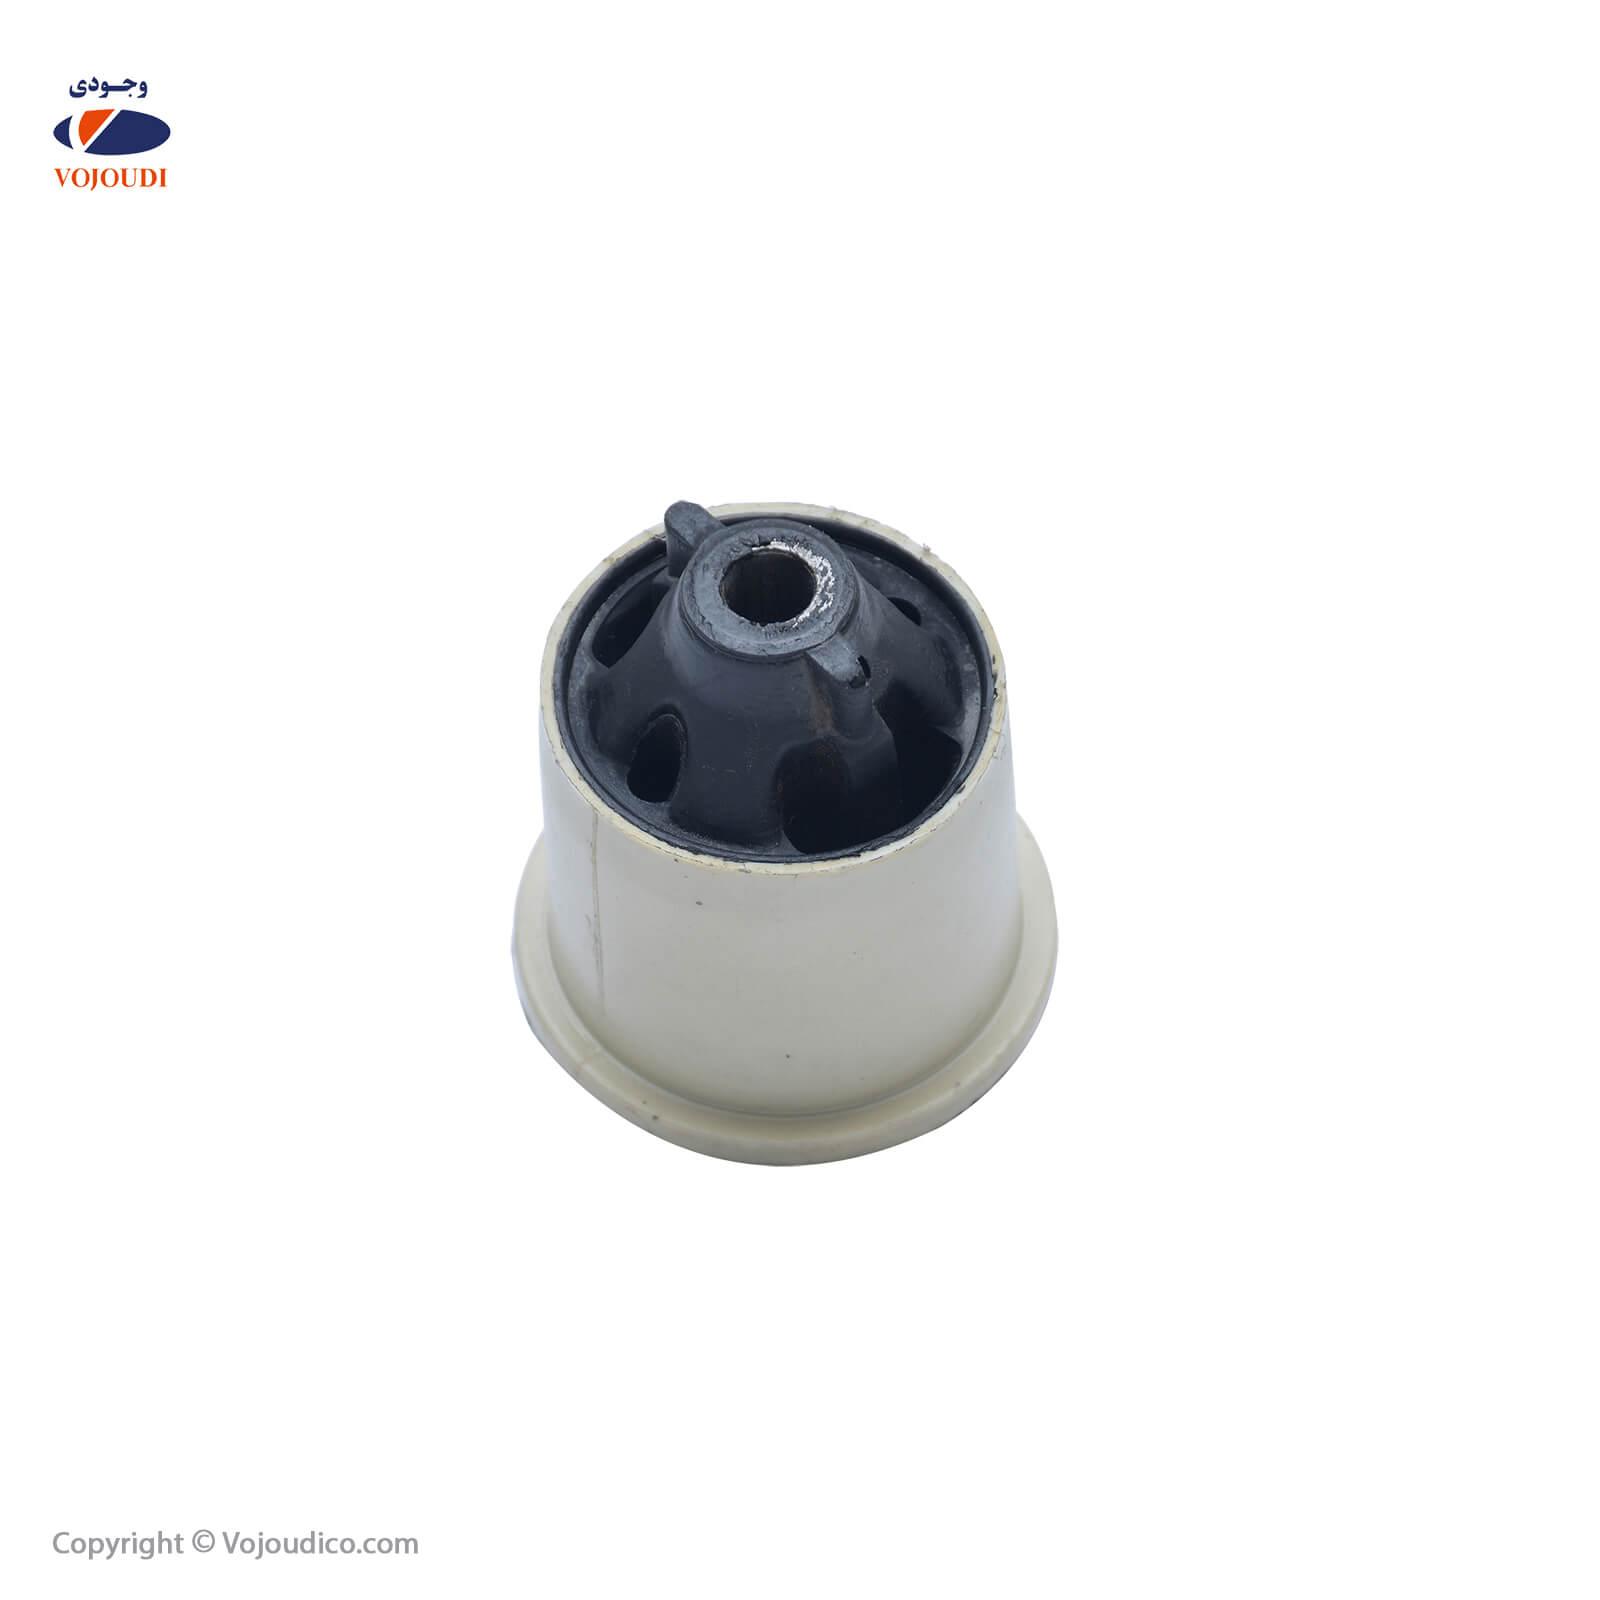 4205 1 - بوش پلاستیک بازوئی ثابت اکسل عقب وجودی کد 4205 مناسب برای L90 ، تعداد بسته : 20 عدد